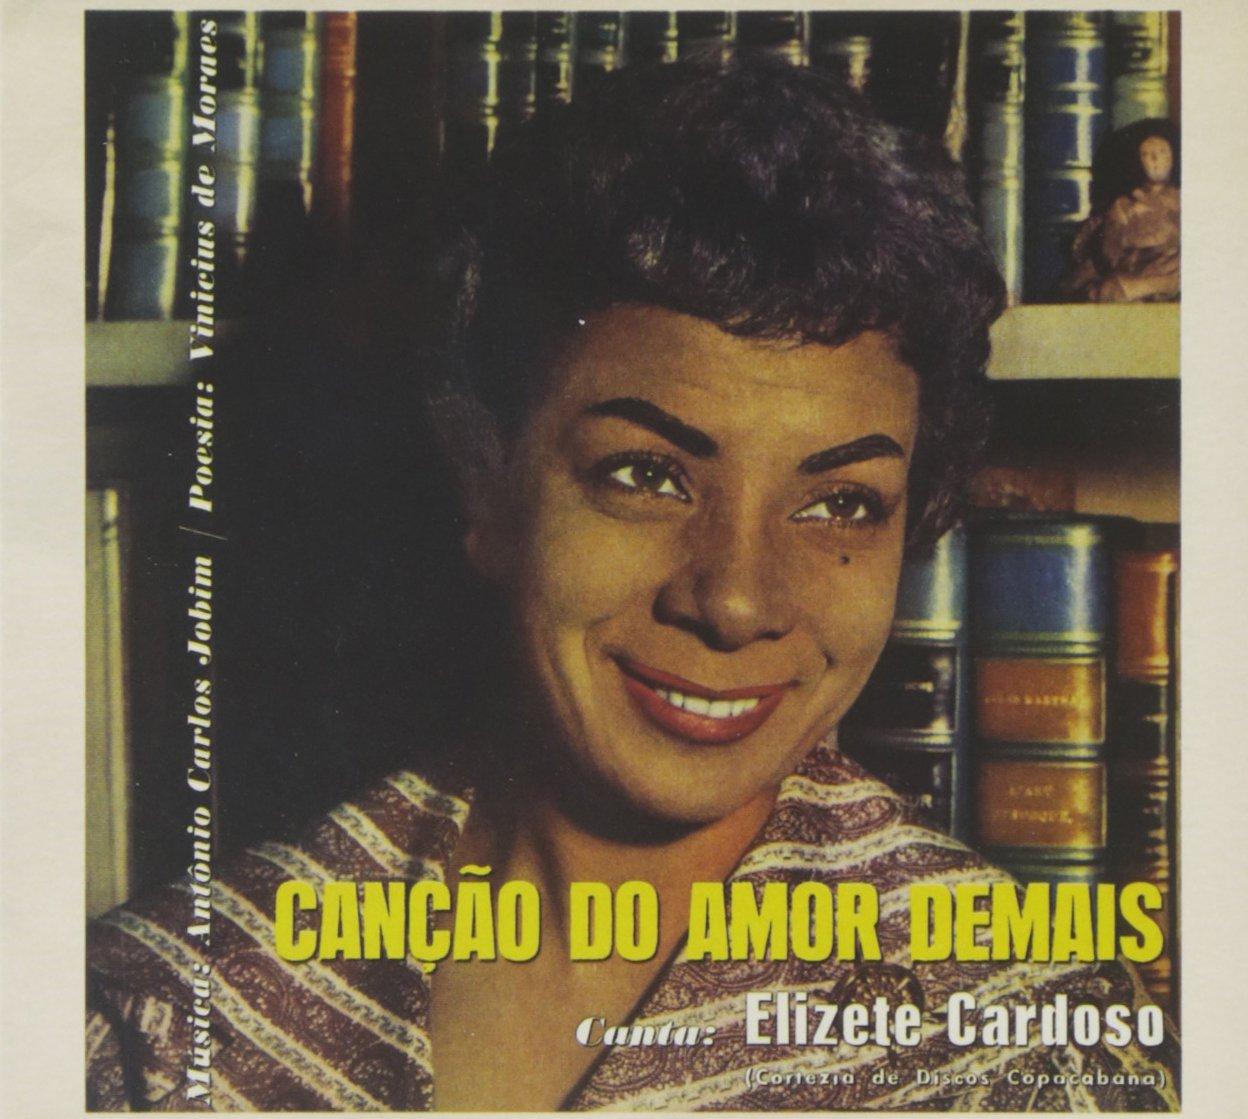 Cancao Do Amor Demais by Biscoito Fino Br